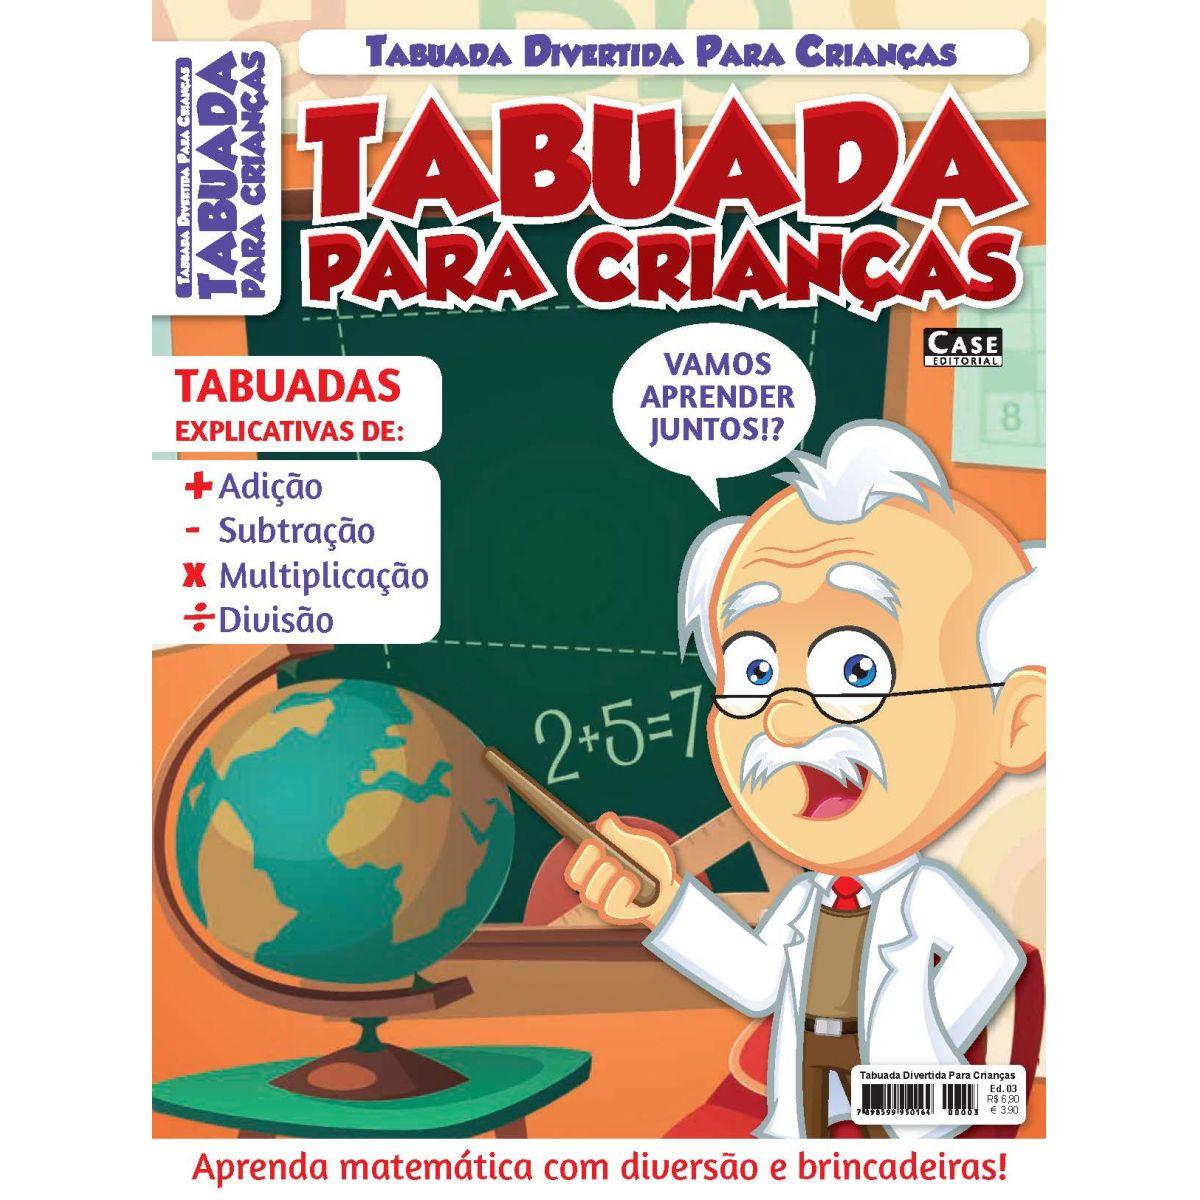 Tabuada Divertida Para Crianças - Edição 03  - Case Editorial